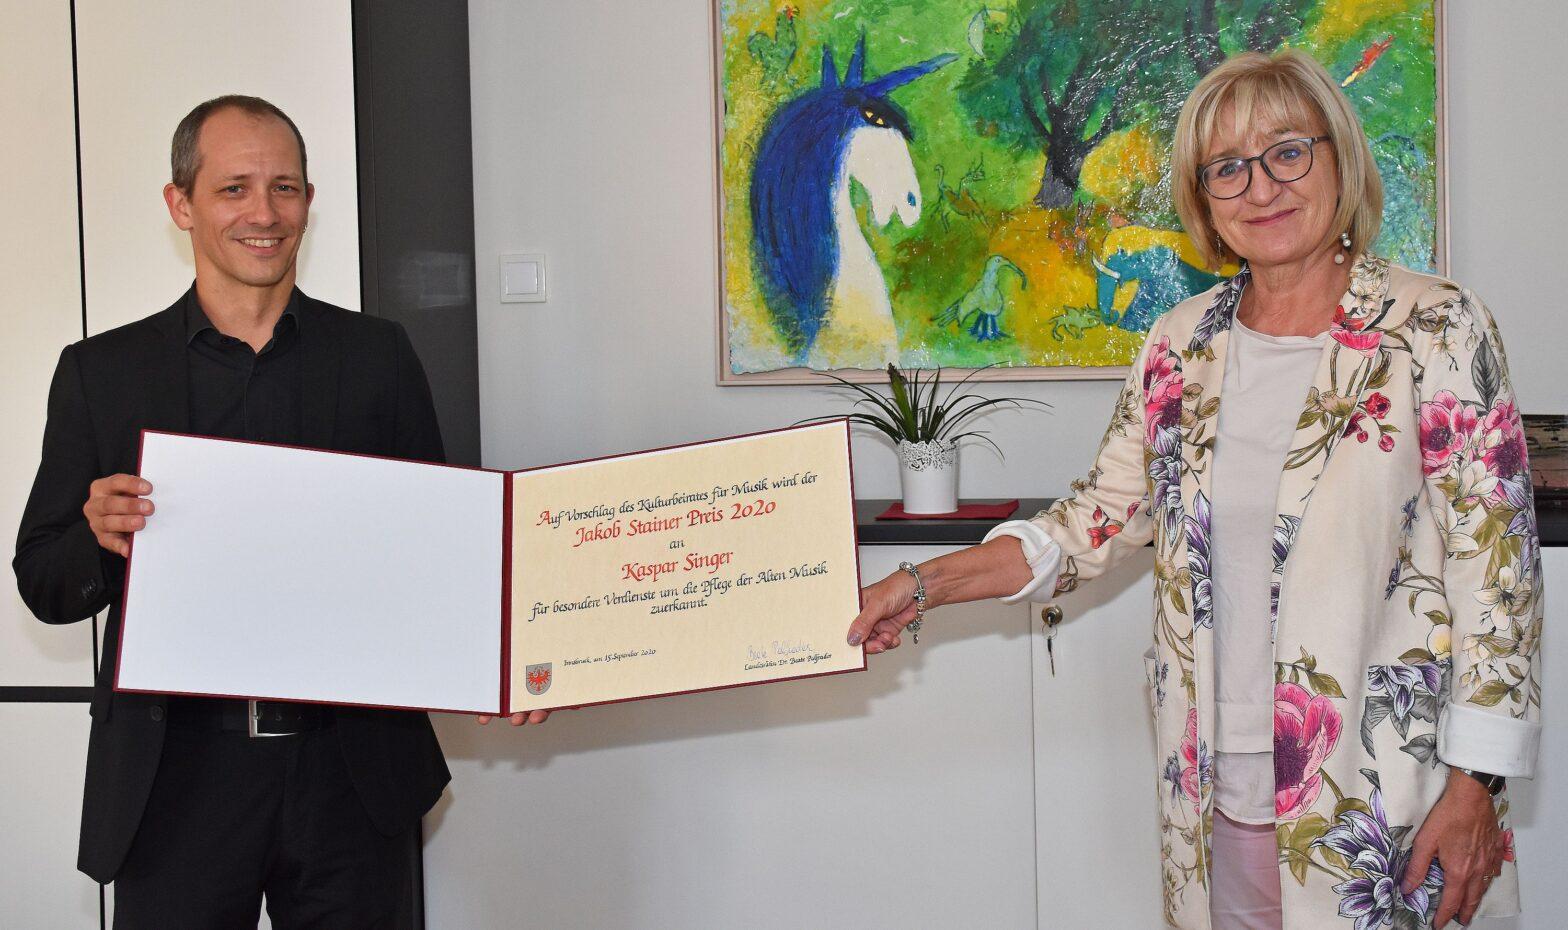 LRin Palfrader gratuliert dem Preisträger Kaspar Singer.© Land Tirol/Gratl